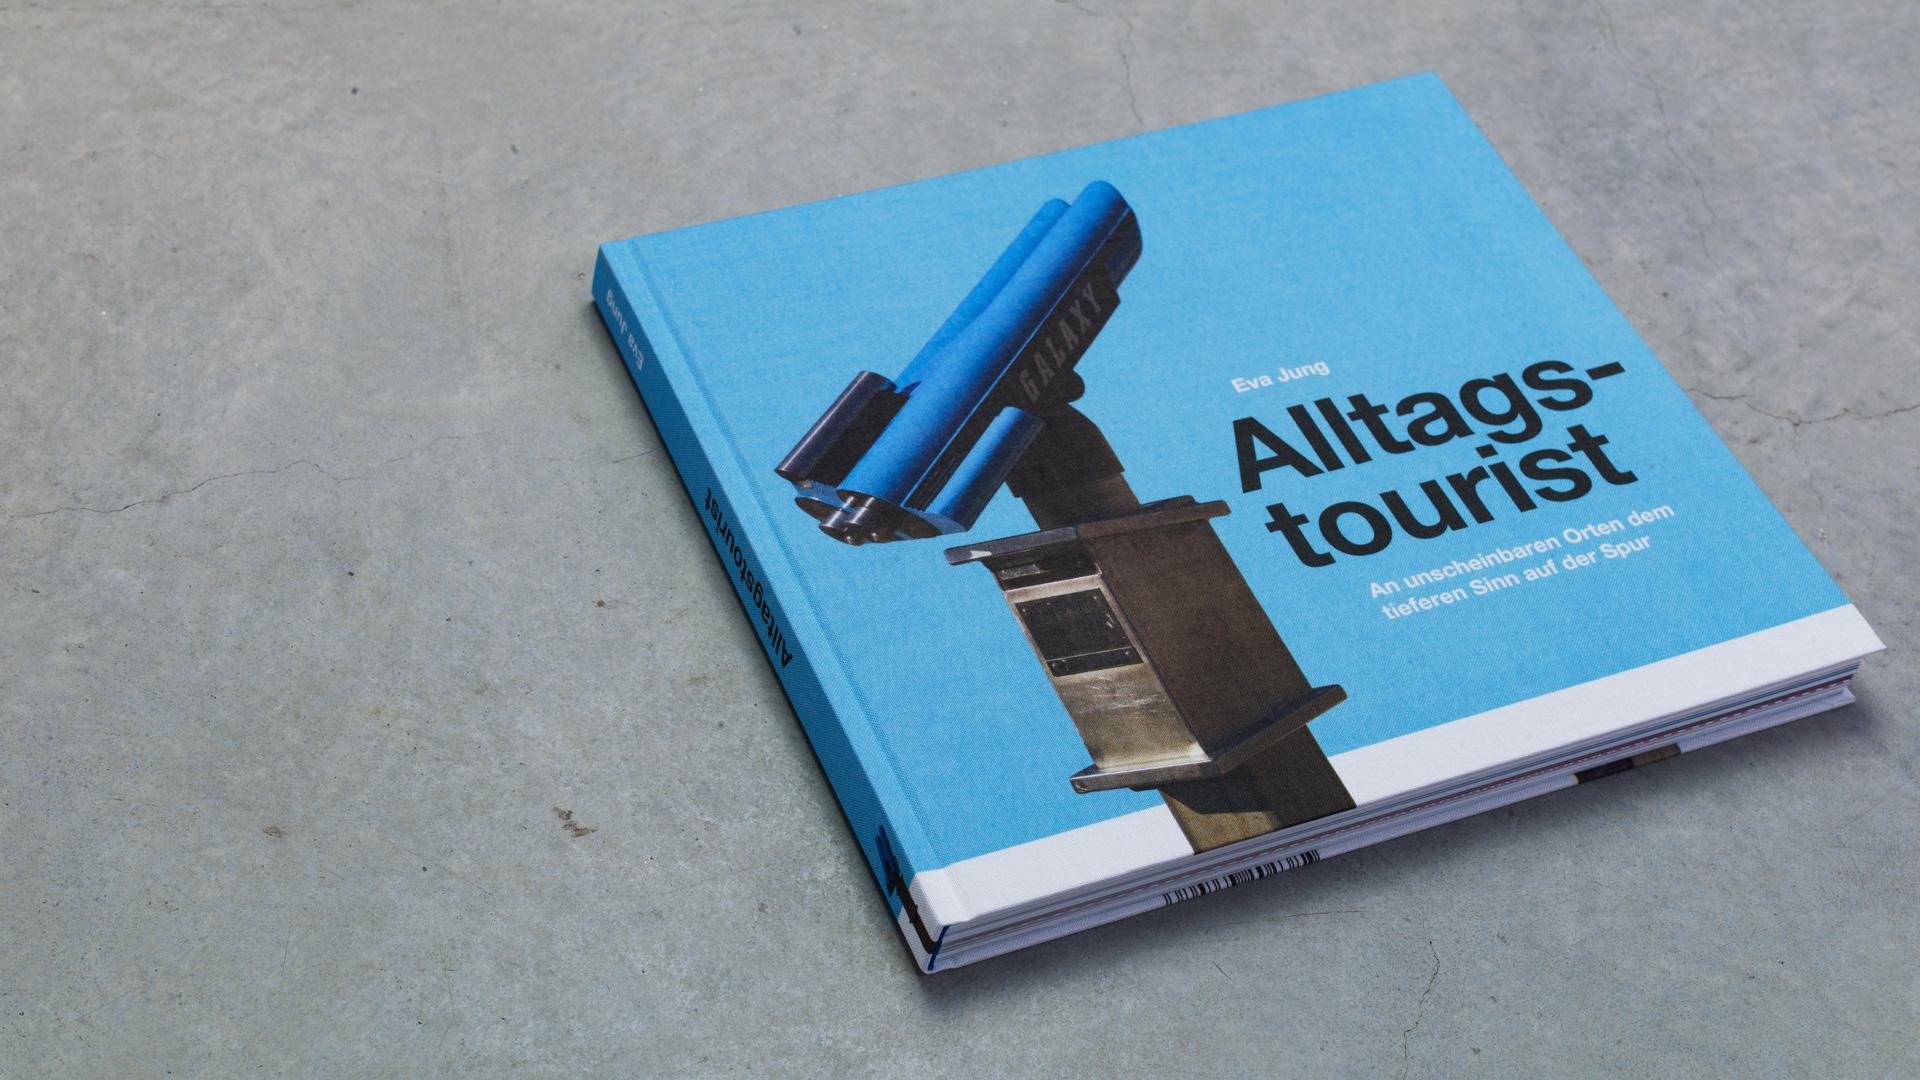 Alltagstourist Buchdesign ©gobasil ~ Agentur für Kommunikation, Hamburg Hannover